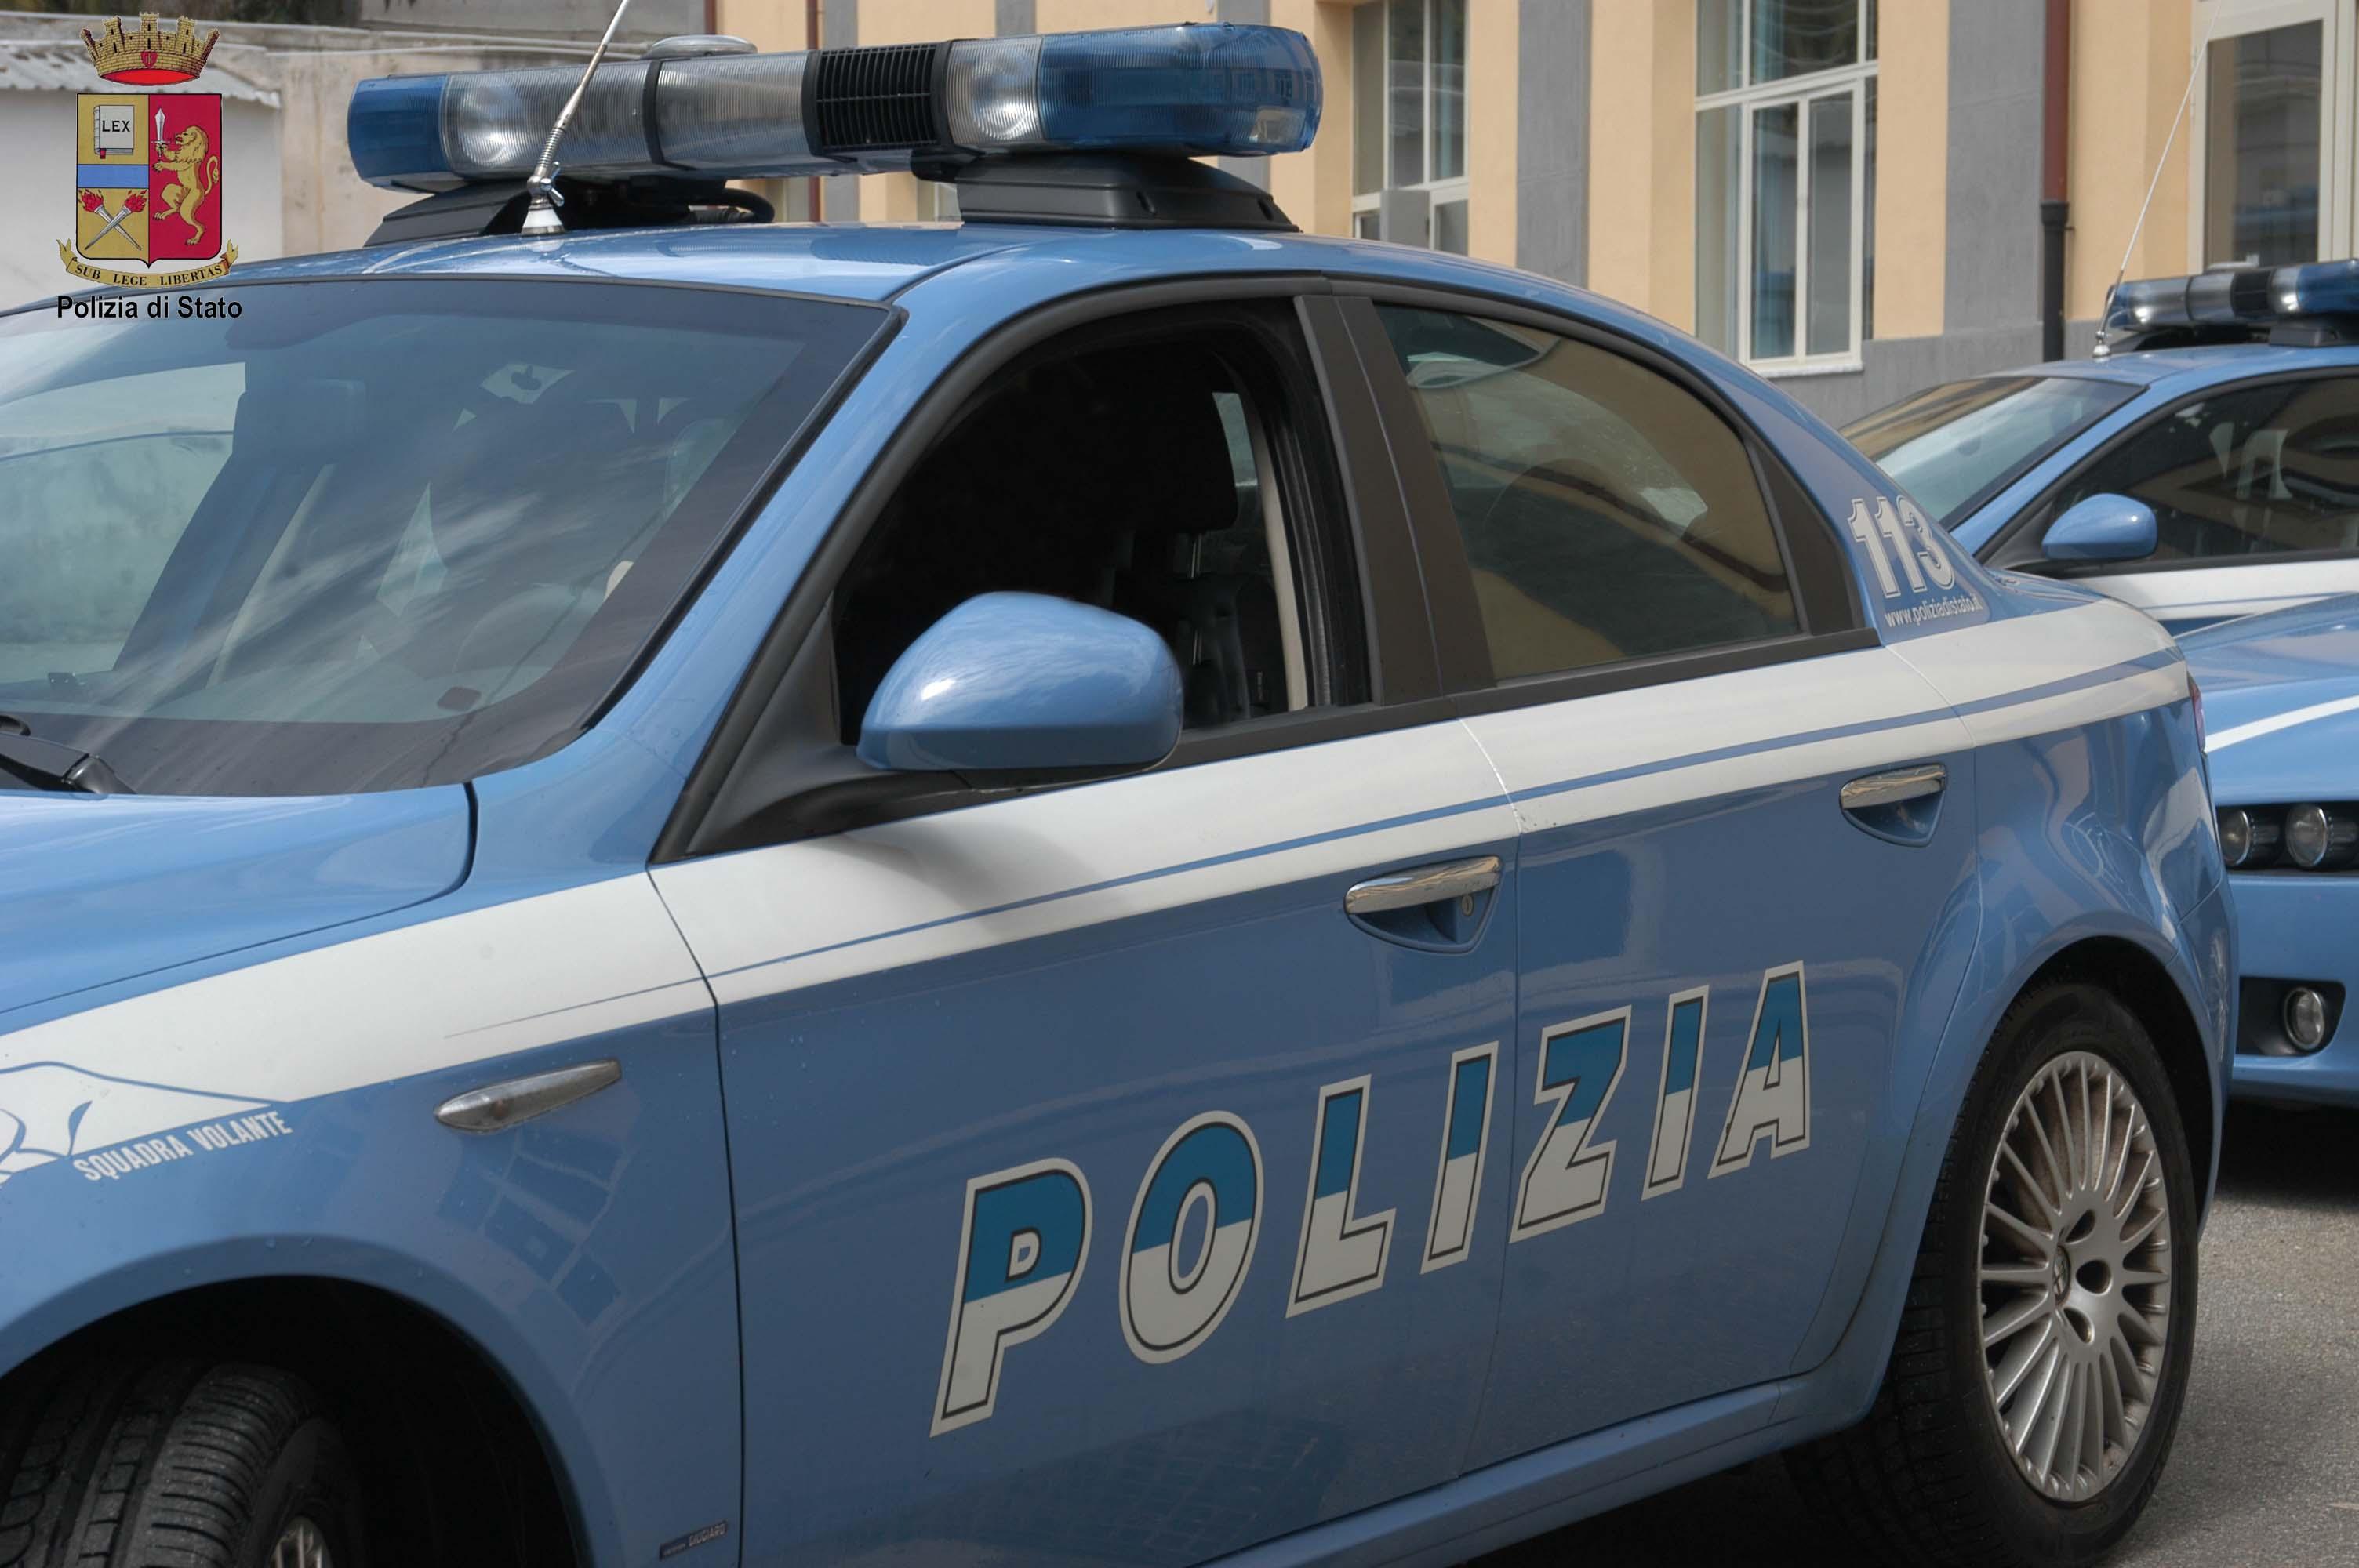 Criminalità, colpi in serie a Messina: due persone arrestate